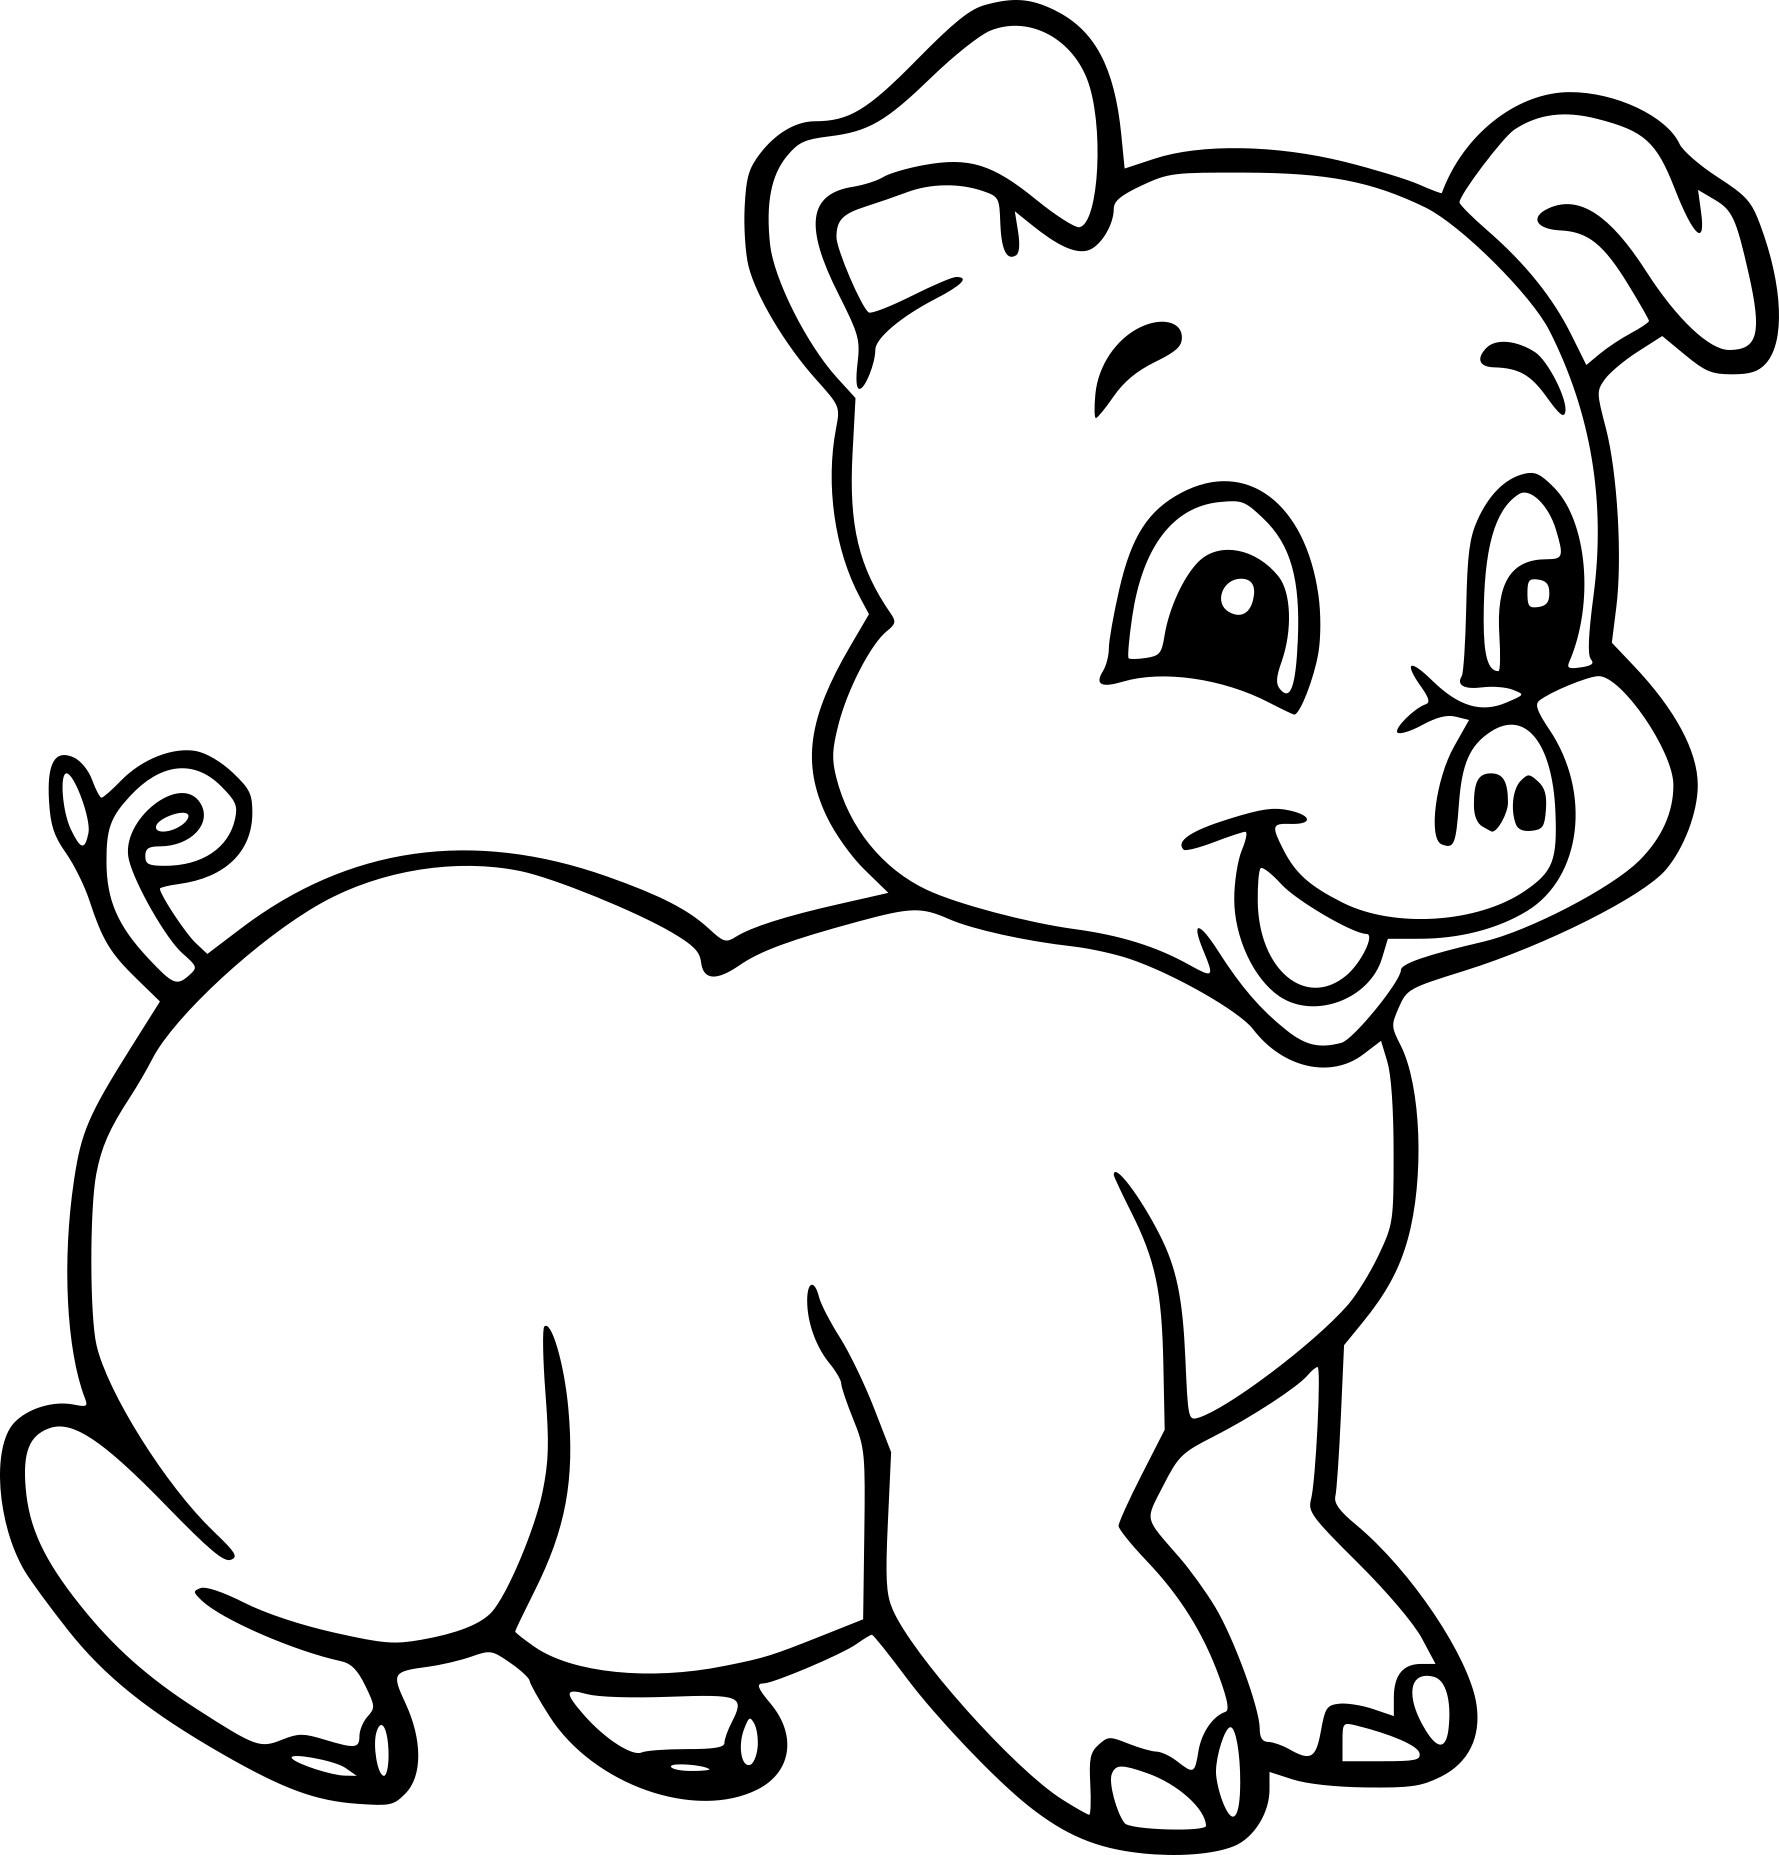 Coloriage Bébé Cochon Dessin À Imprimer Sur Coloriages tout Dessin Cochon A Colorier